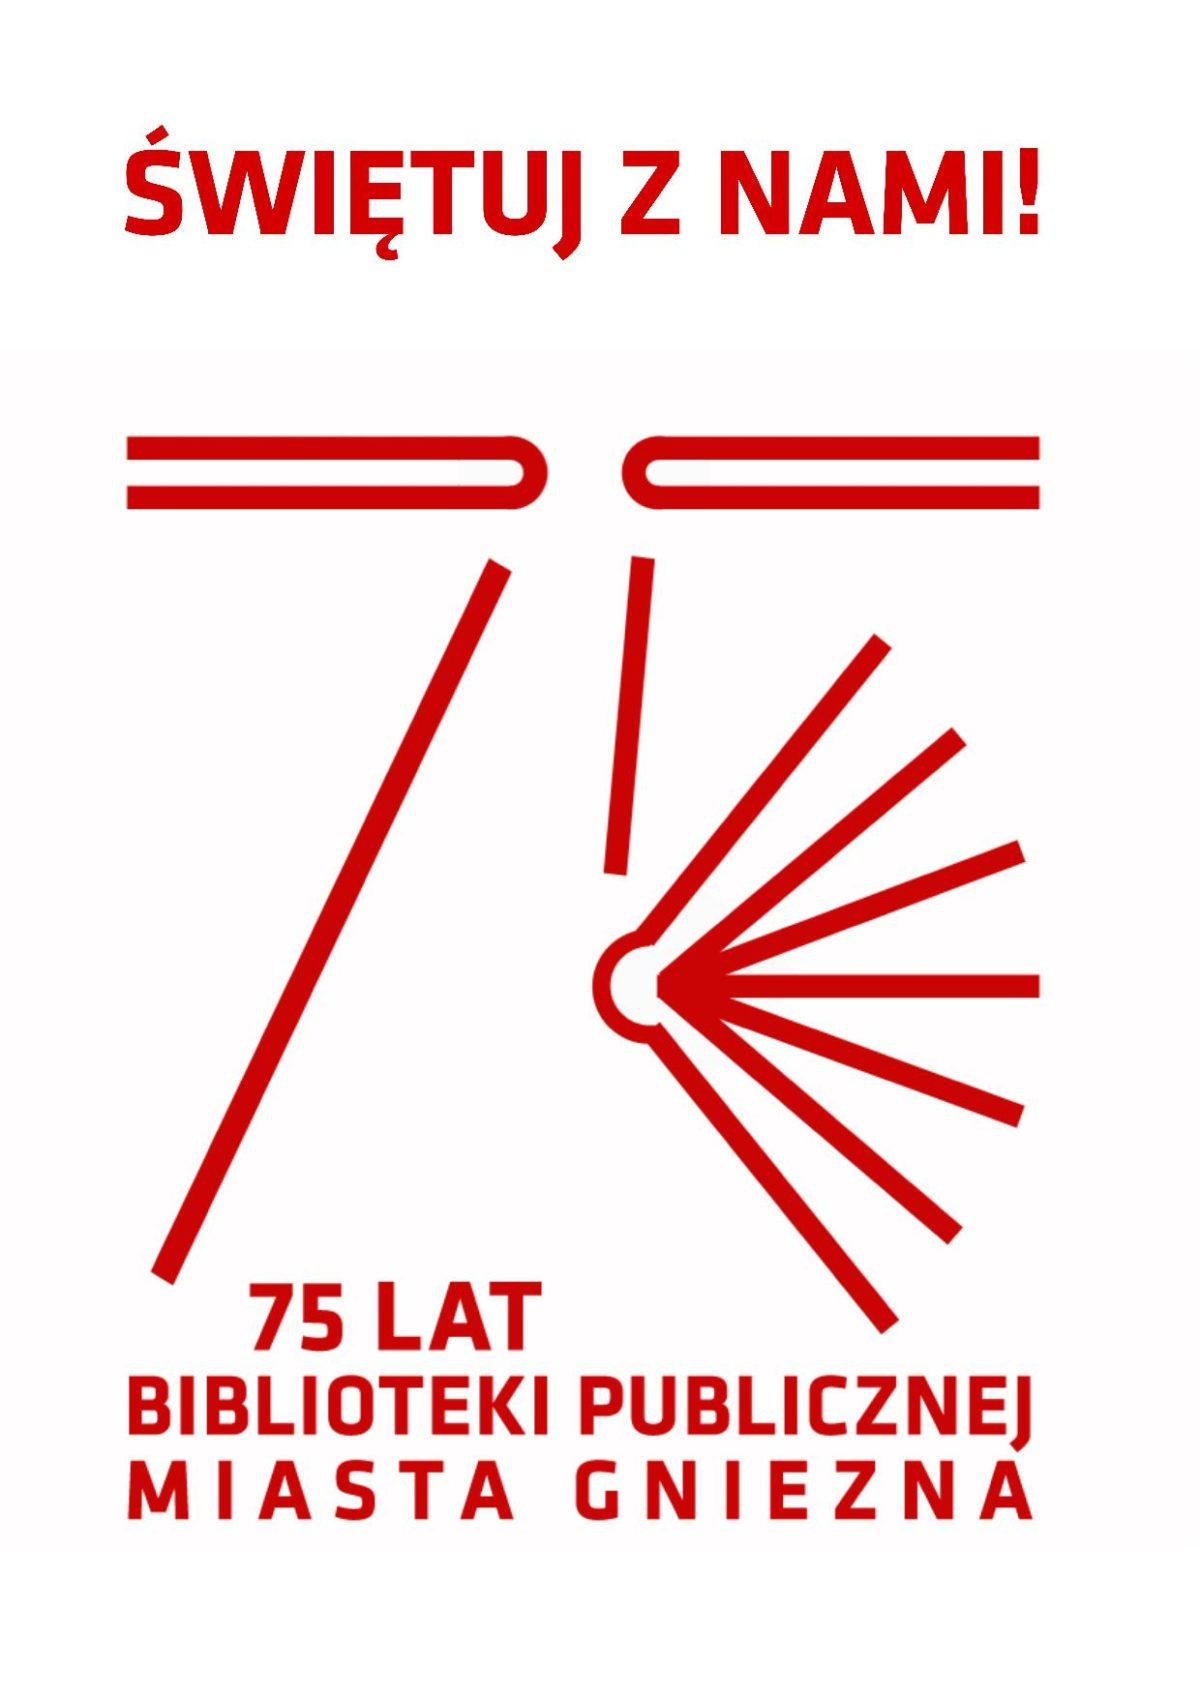 Biblioteczny kącik jubileuszowy – Czytelnia Miejska